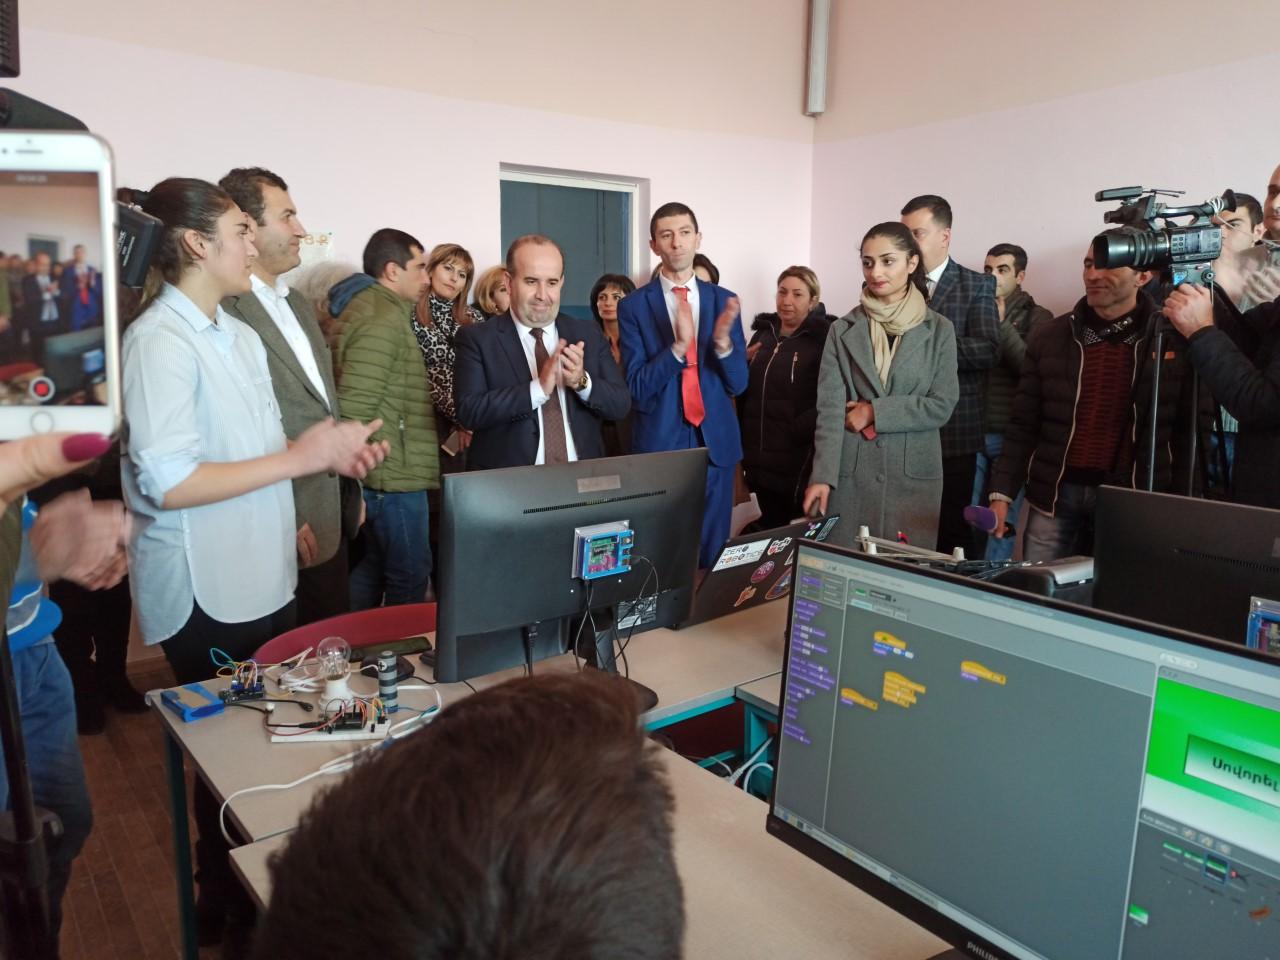 Դեկտեմբերի 7-ից Շիրակի մարզի բոլոր դպրոցներում կան «Արմաթ» լաբորատորիաներ